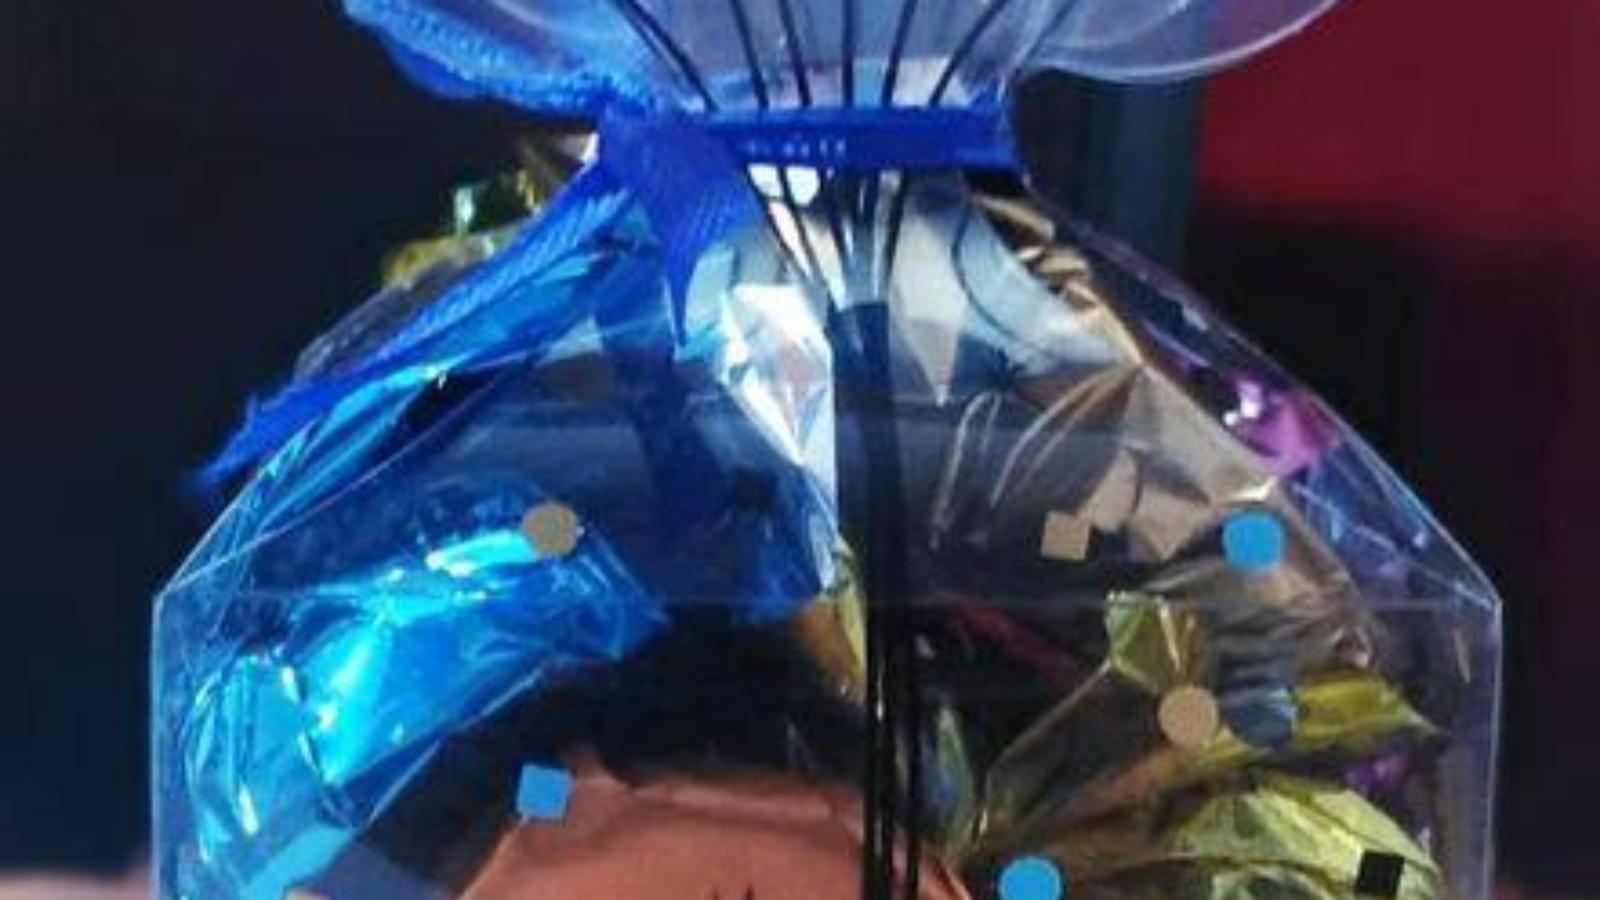 Children's day handmade Chocolate Gift Box, children's day gift ideas for toddlers, children's day gift ideas